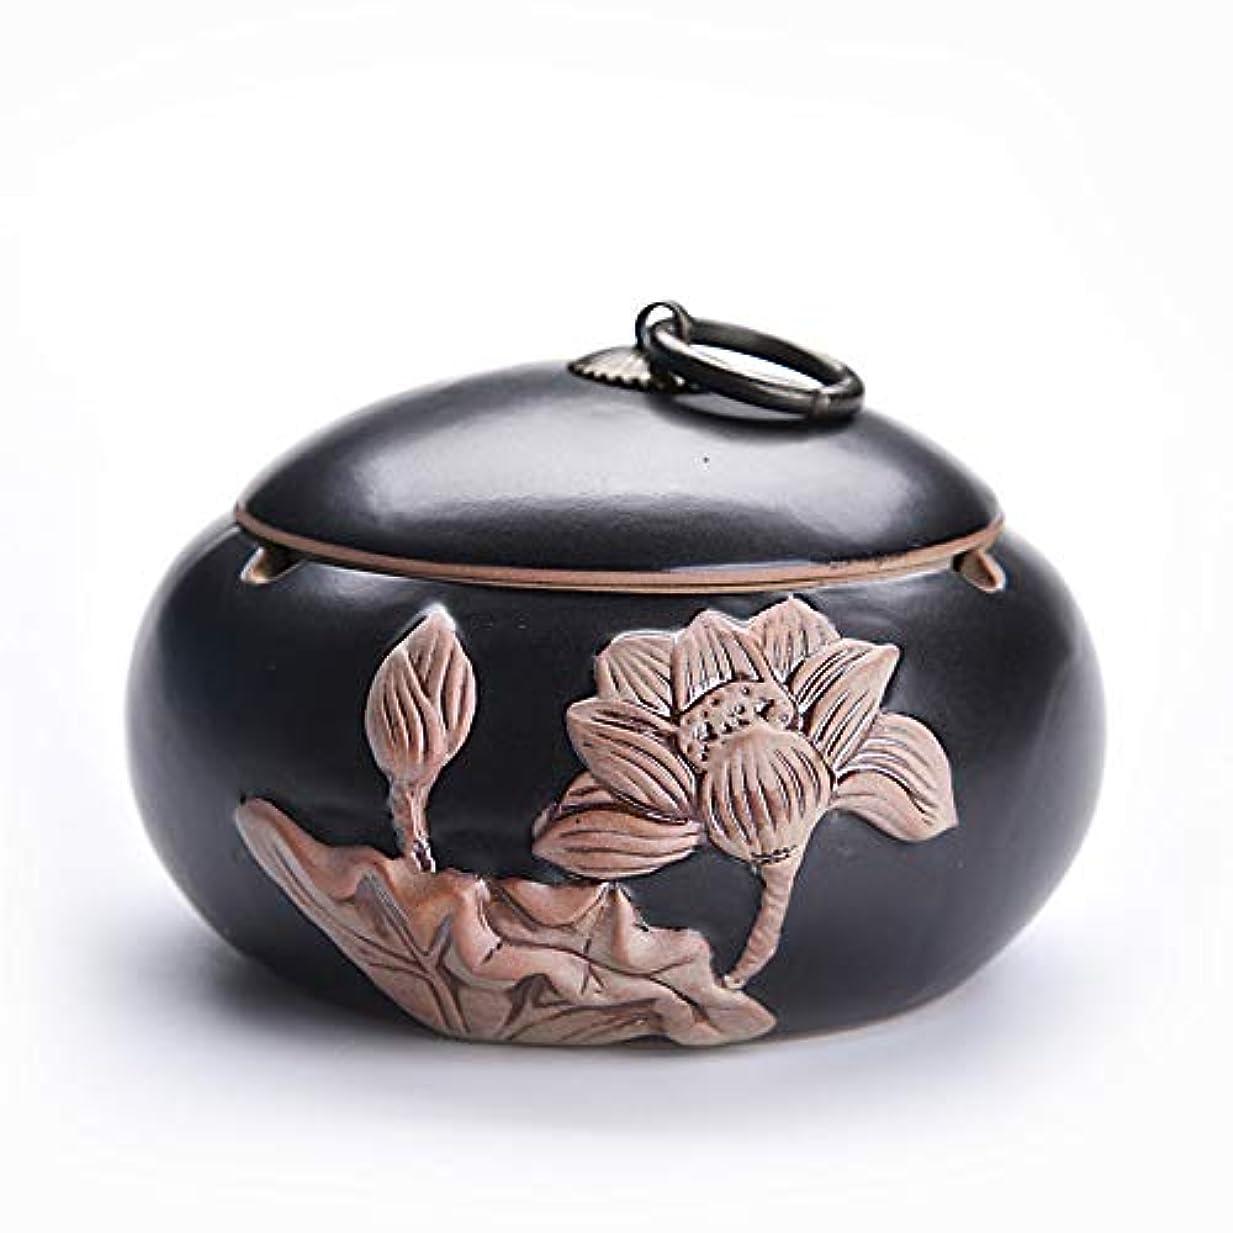 タッチ学習屋内で中国のレトロな創造的な鍋形セラミック灰皿ふた付き